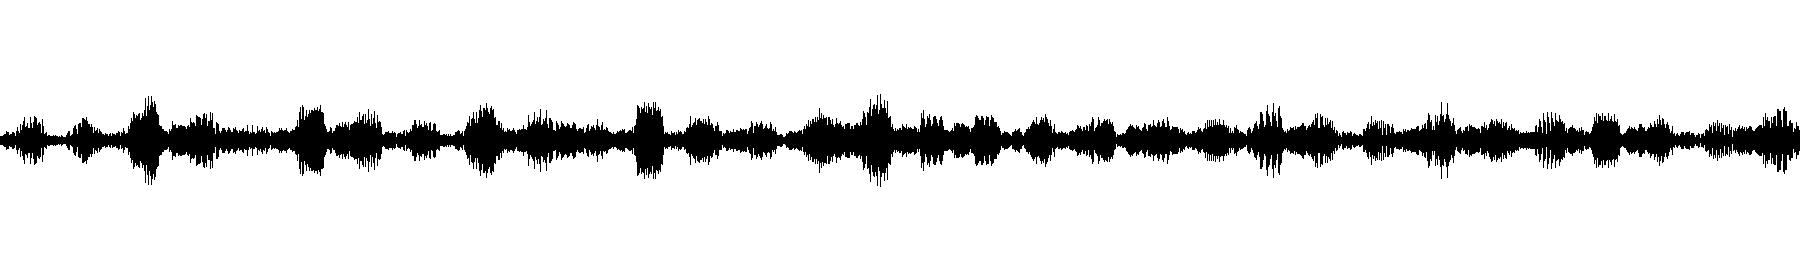 80 a arpbass 01 455